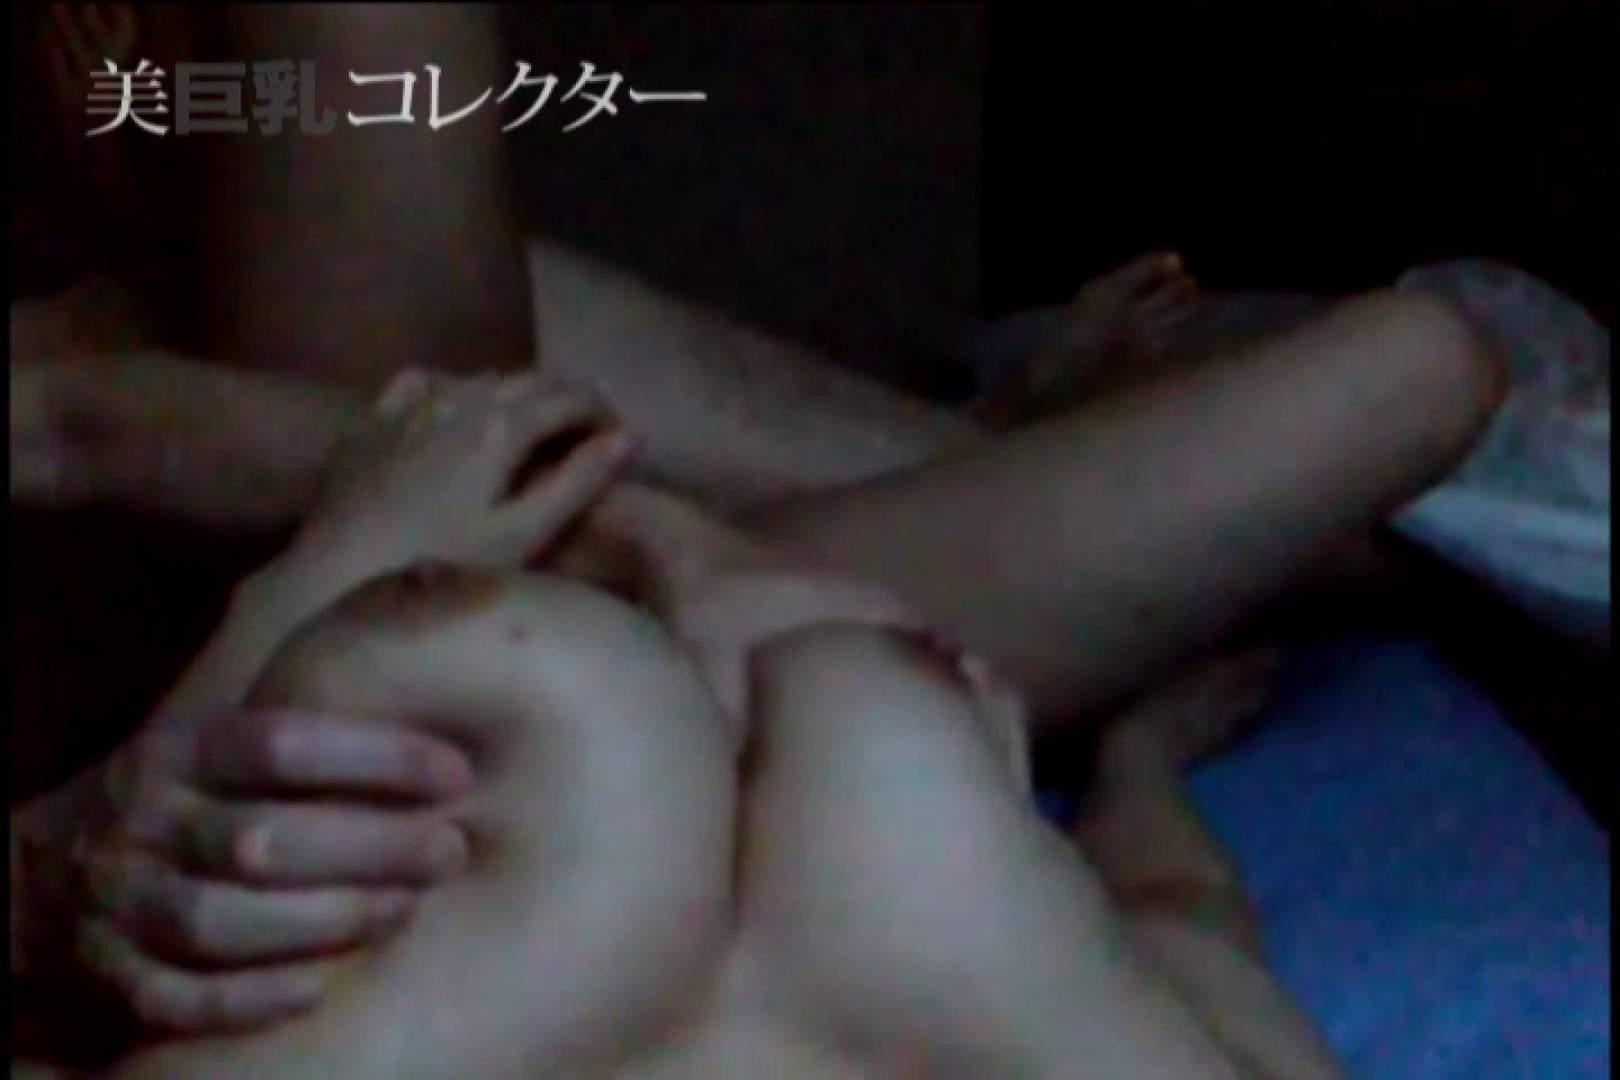 泥酔Hカップ爆乳ギャル3 爆乳 オメコ無修正動画無料 58pic 39